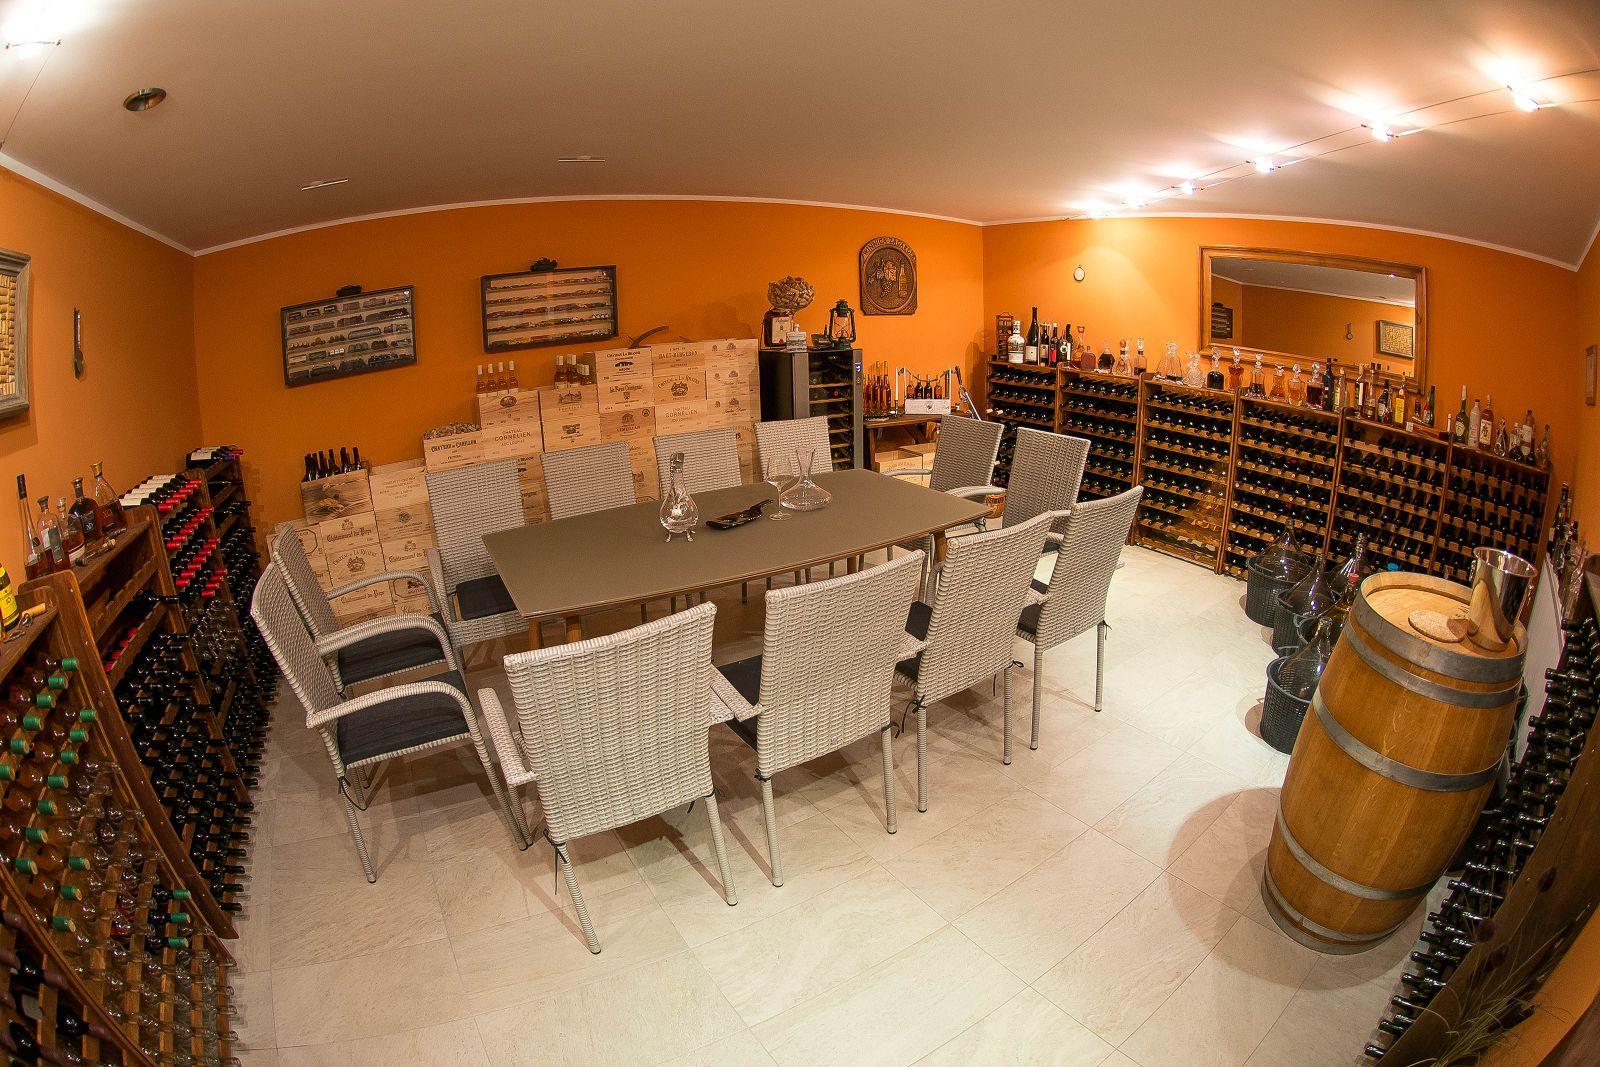 enoturystyka, turystyka, wino, turystykawiniarska, zwiedzanie, winnica